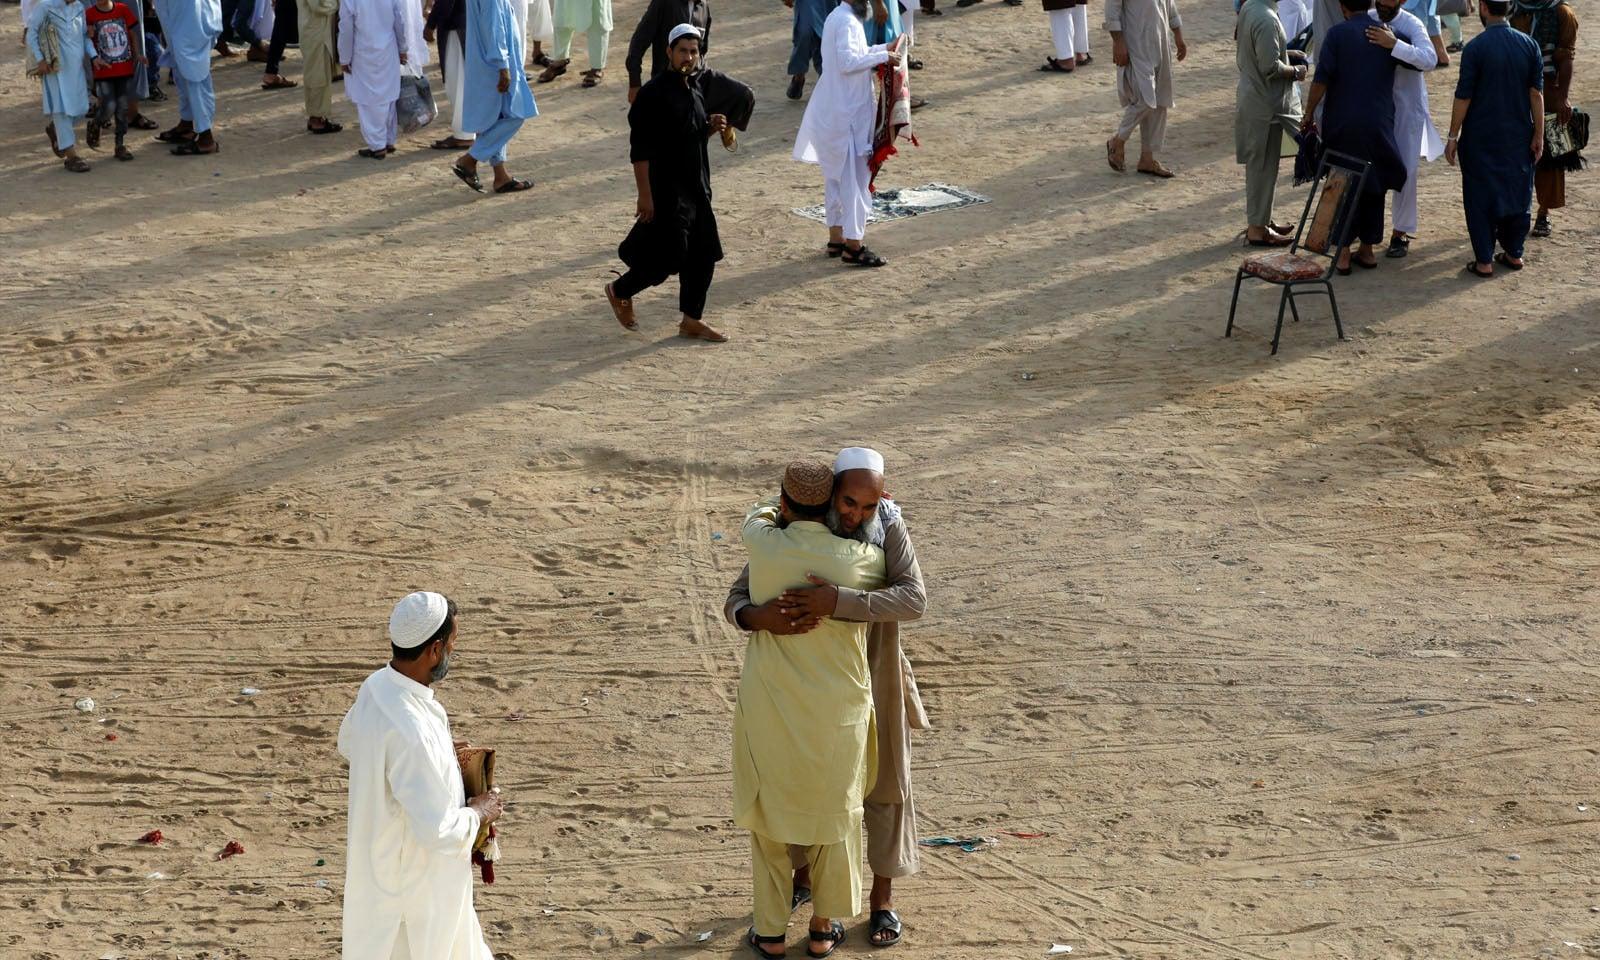 نماز کے بعد لوگوں نے ایک دوسرے کو گلے مل کر عید کی مبارکباد دی —فوٹو/ رائٹرز